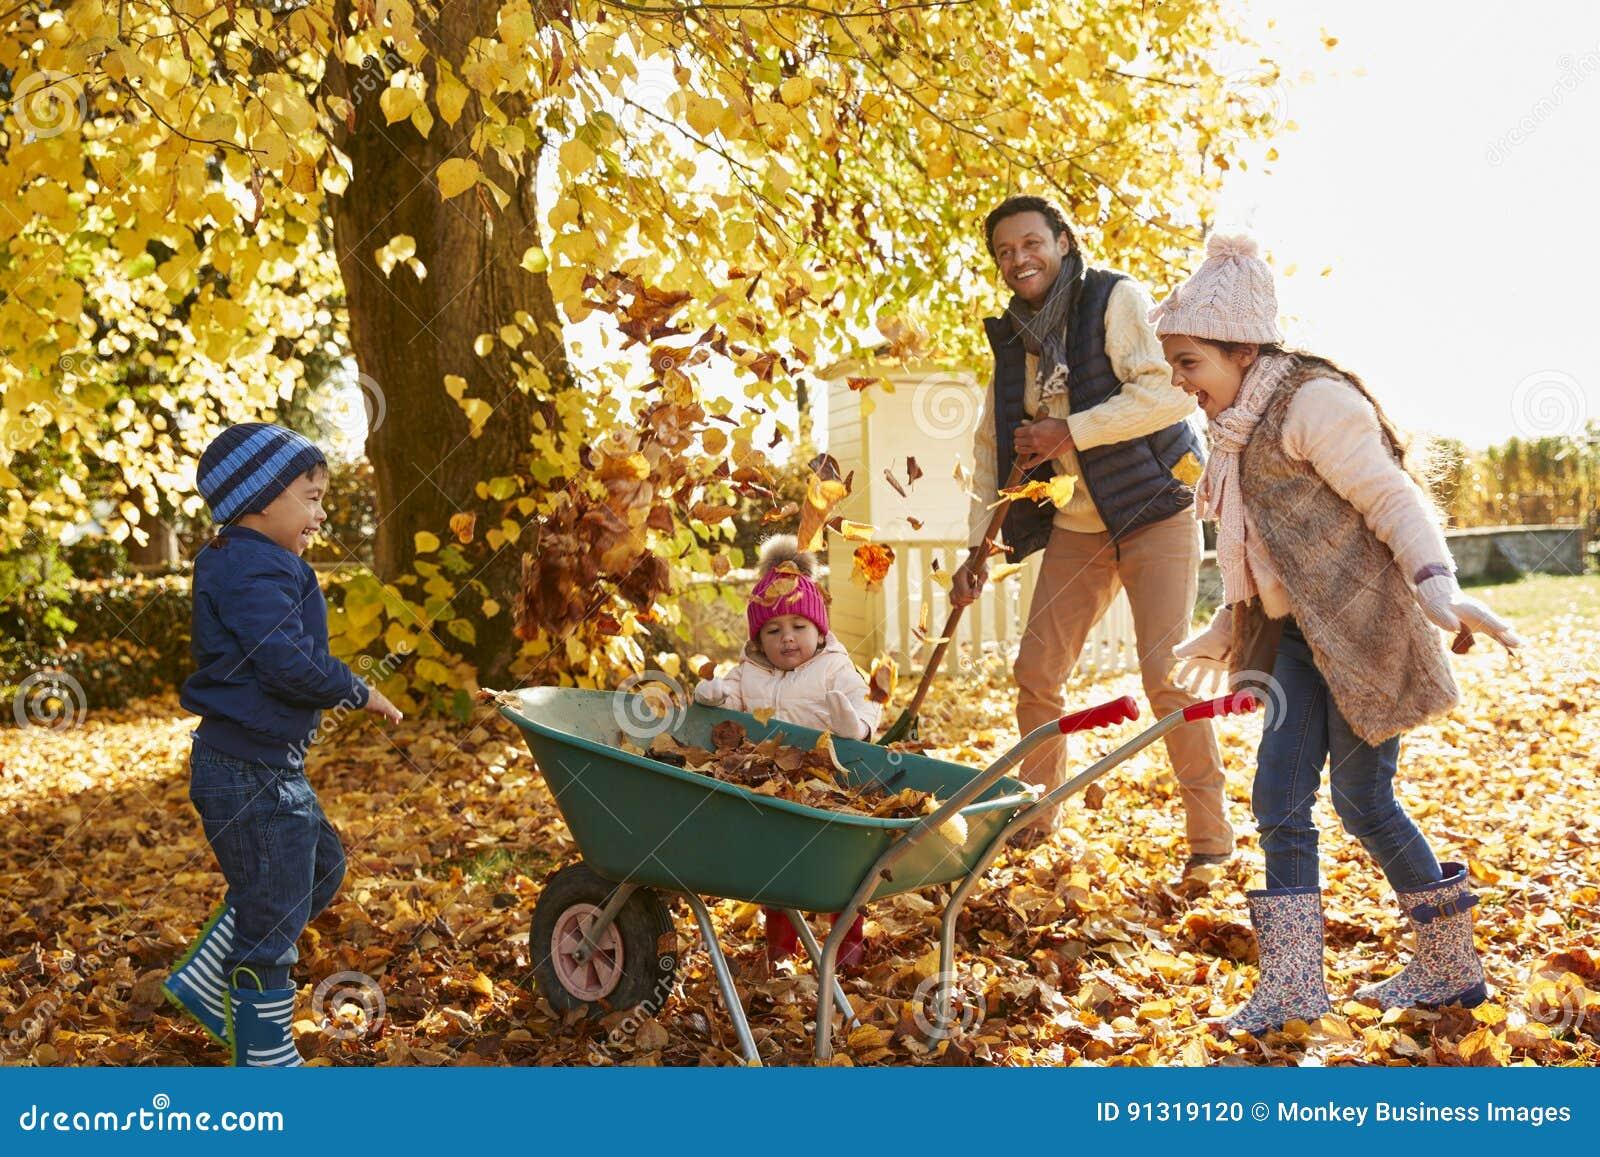 Niños que ayudan al padre To Collect Autumn Leaves In Garden